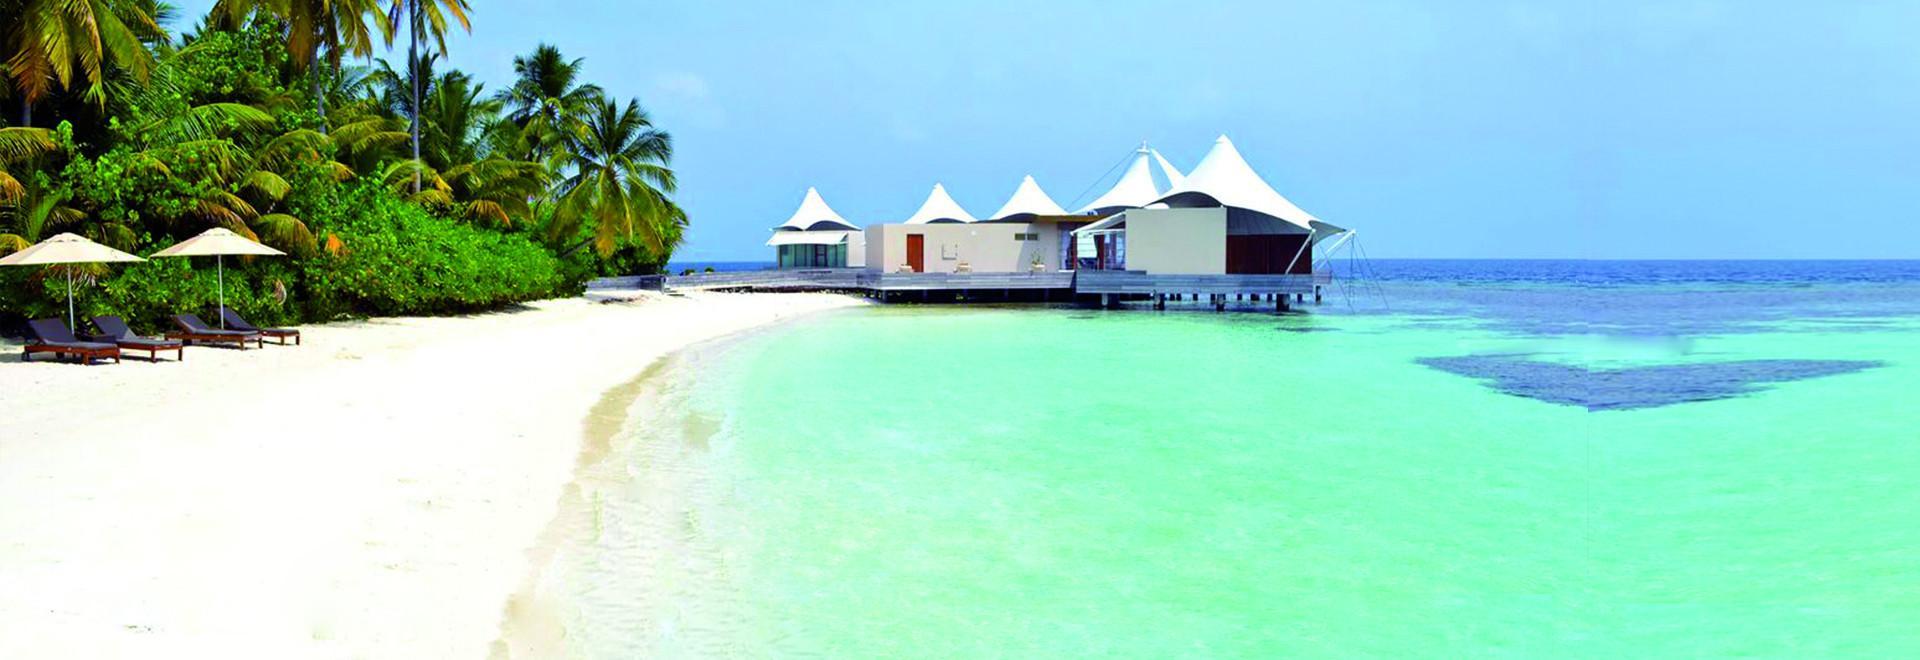 Passione per le isole